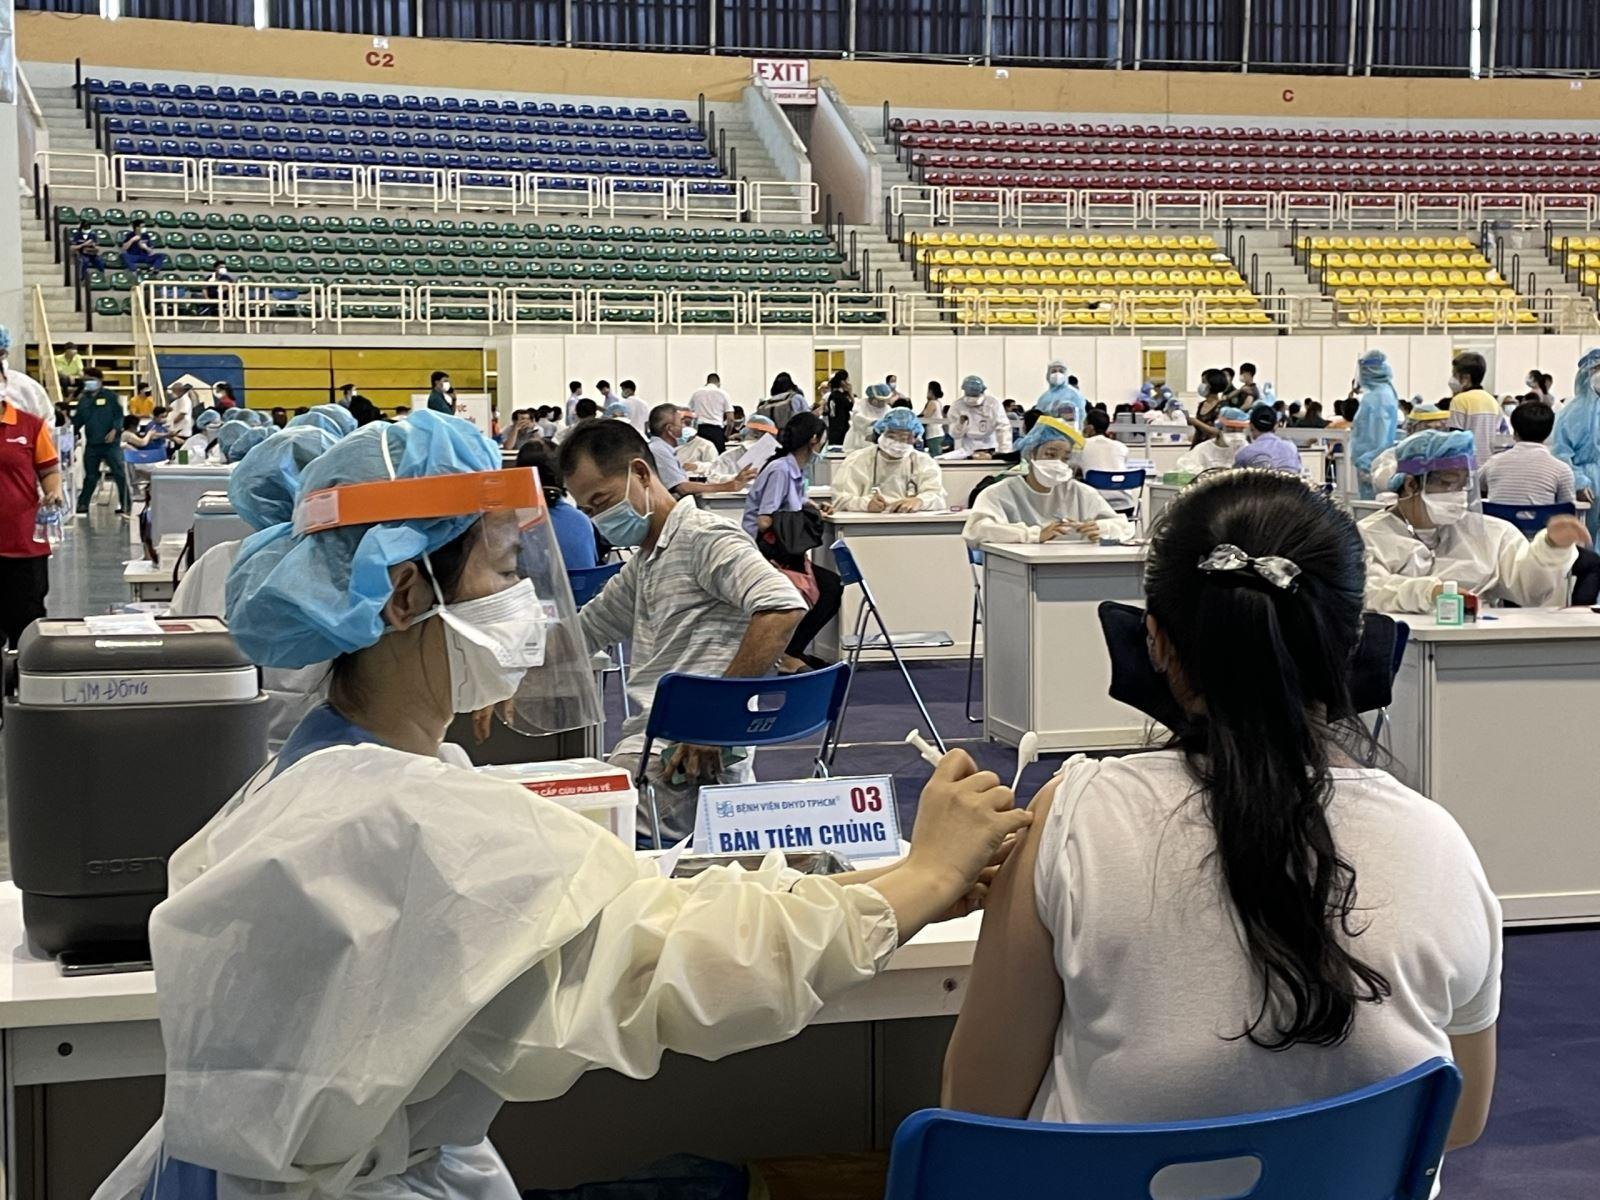 وزارت بهداشت از 1 جولای قرنطینه 7 روزه را برای افرادی که 2 دوز واکسن دریافت کرده اند آزمایش می کند